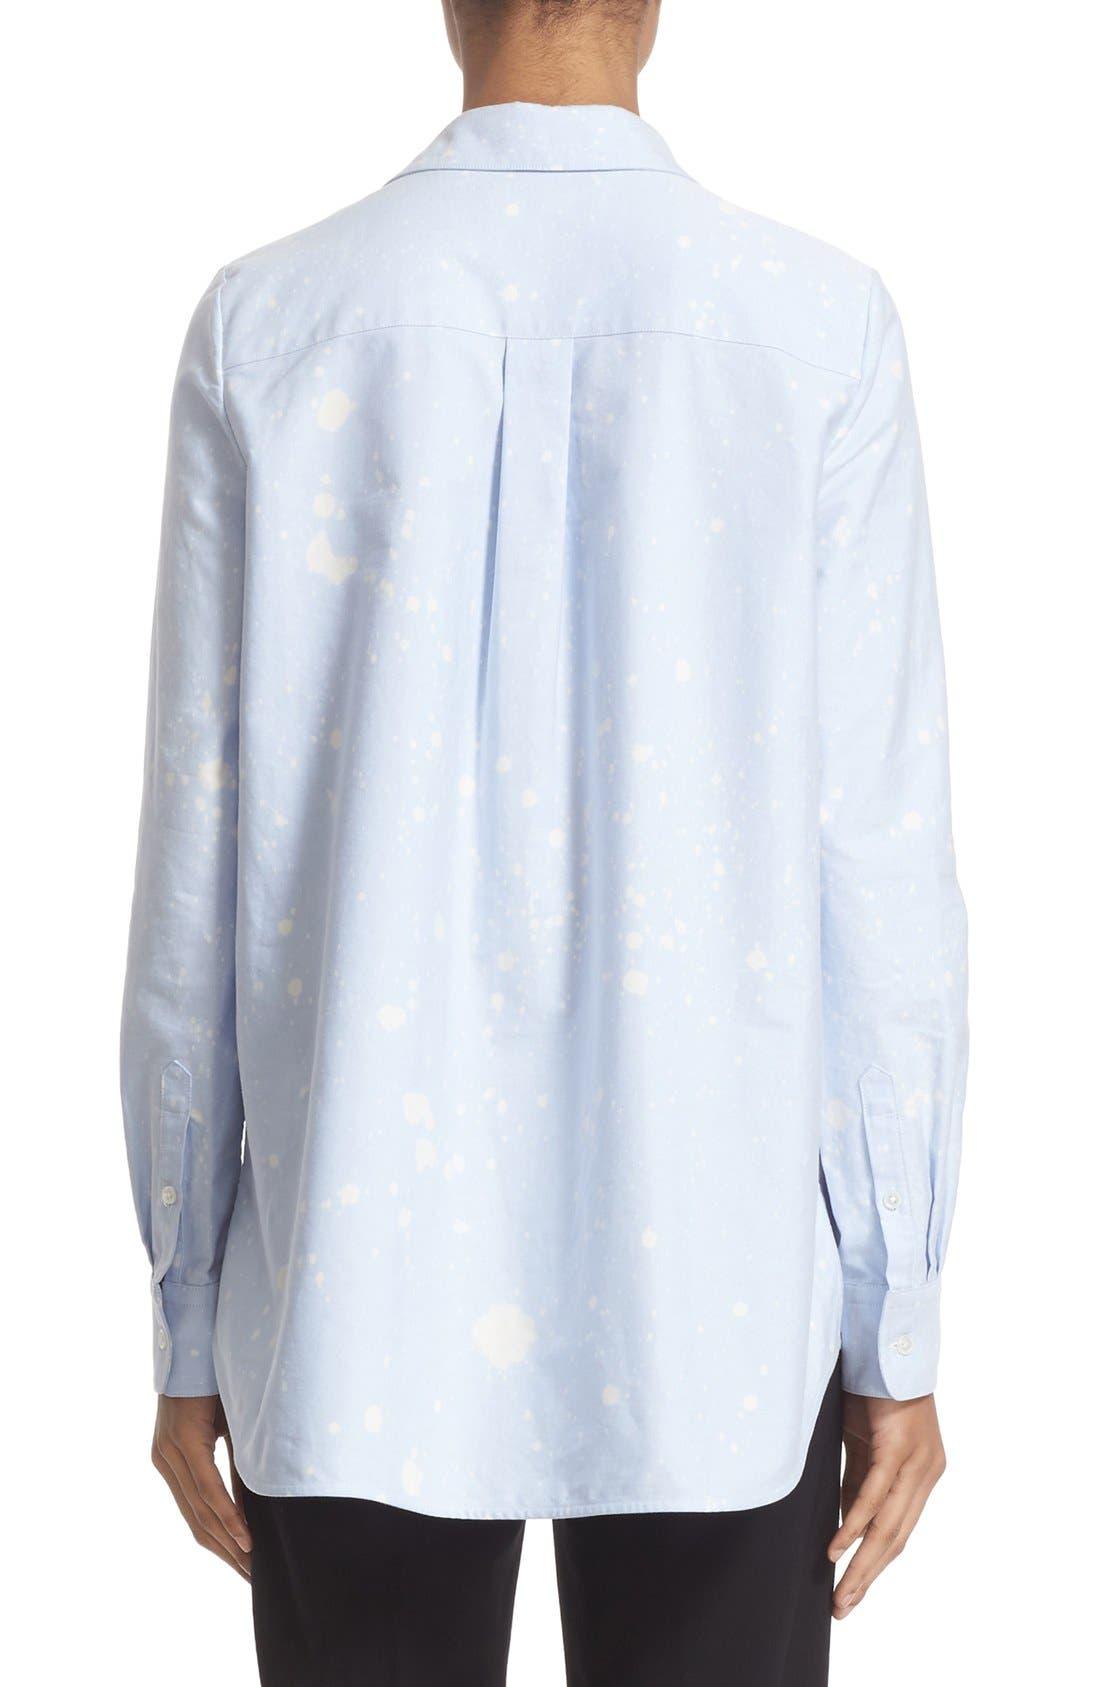 Alternate Image 2  - Alexander Wang Bleach Splatter A-Line Tunic Top